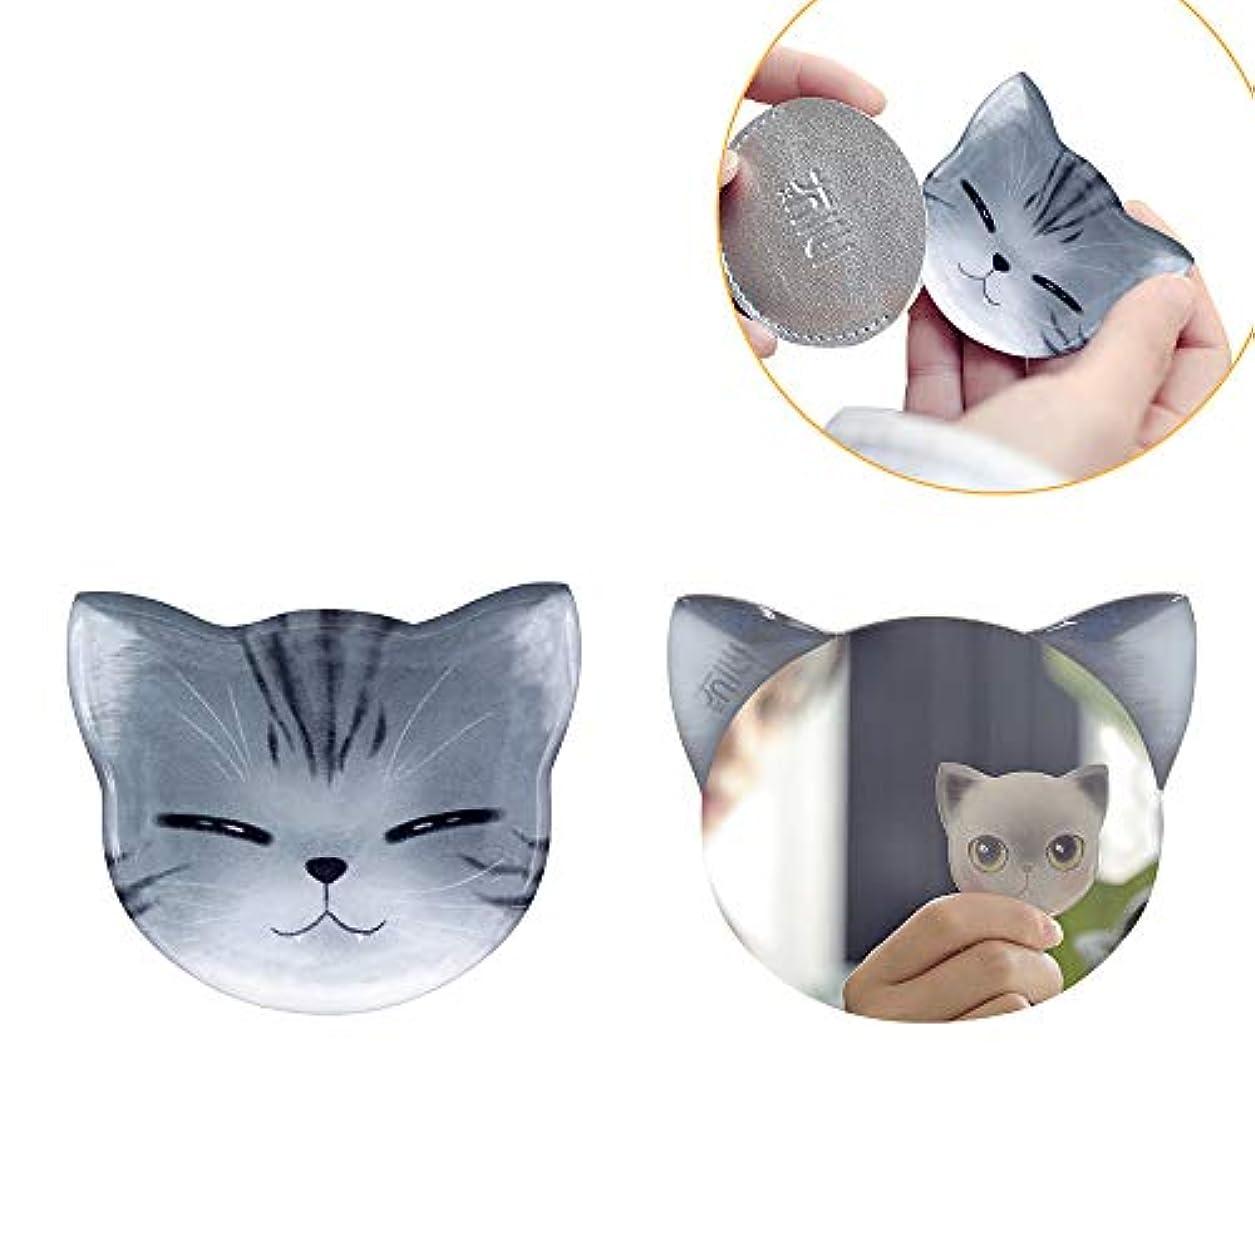 多くの危険がある状況上下する味付け手鏡 コンパクト iitrust 猫柄 8パタン 収納袋付き 割れない 鏡 おしゃれ コンパクトミラー ハンドミラー かわいい 手鏡 猫 手鏡 かわいい iitrust並行輸入品